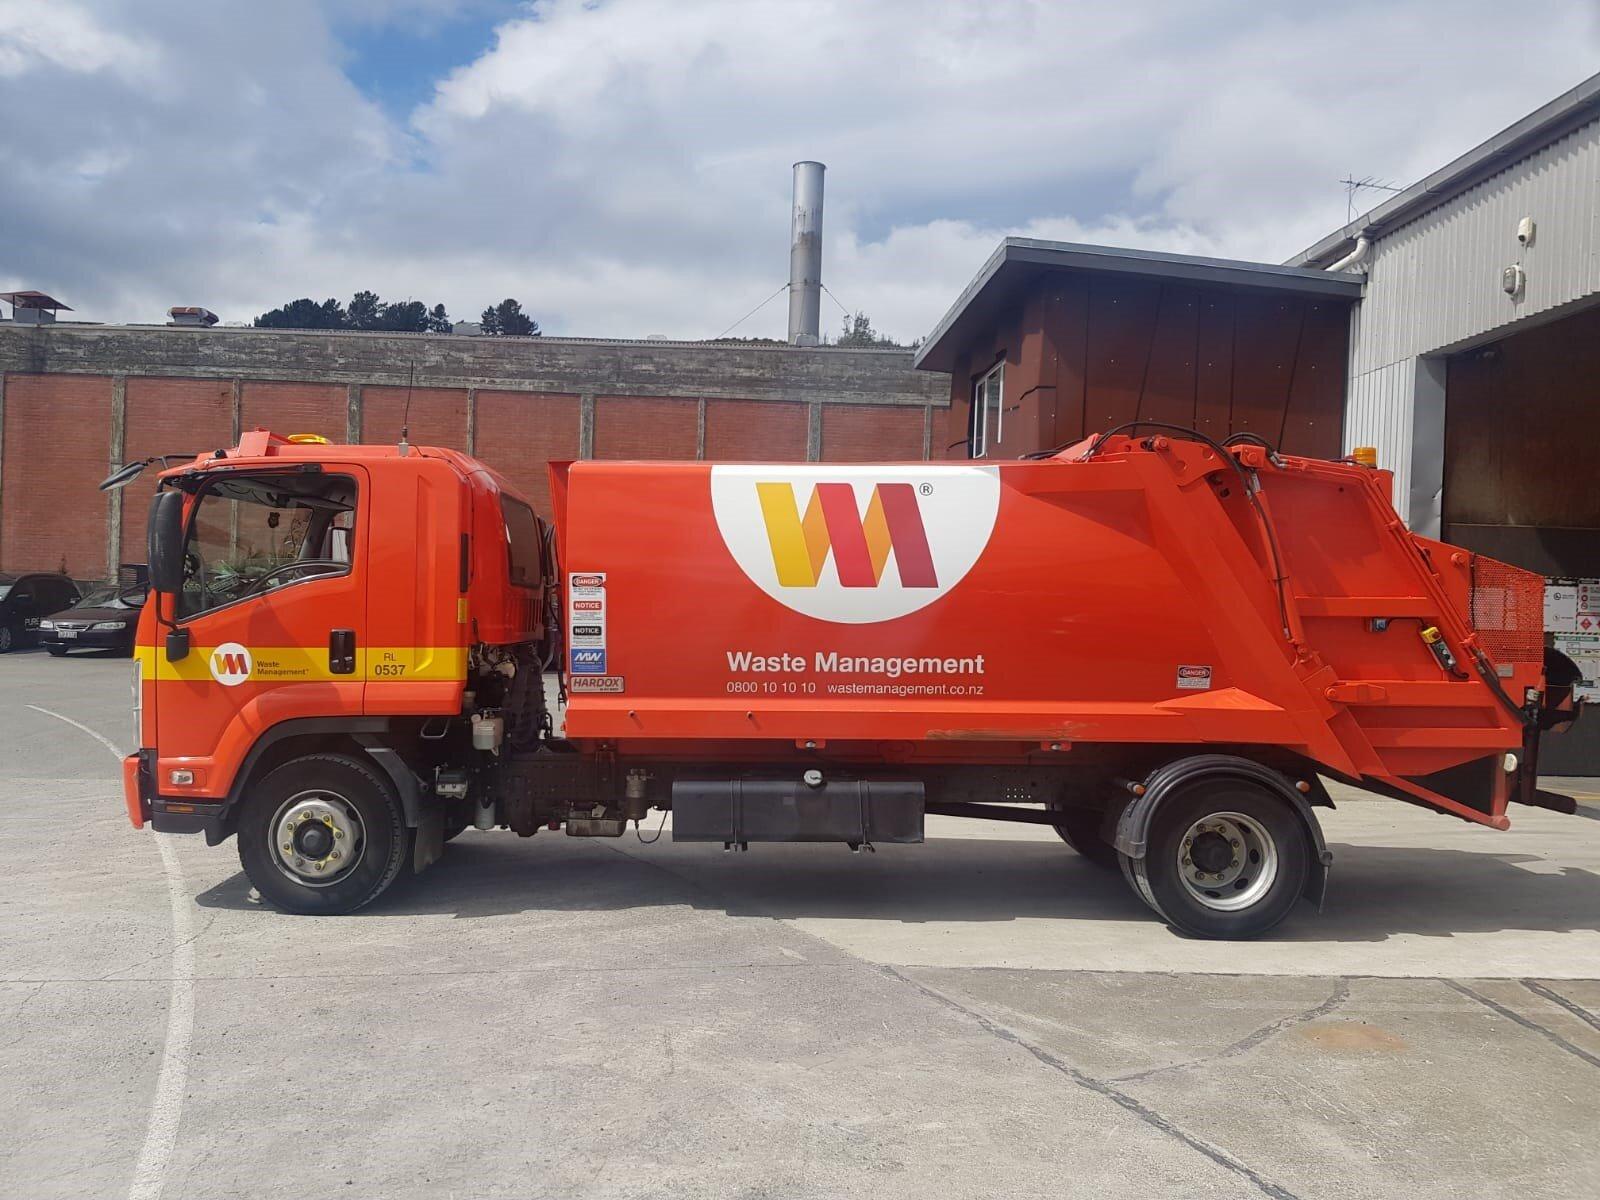 Waste Management.jpg